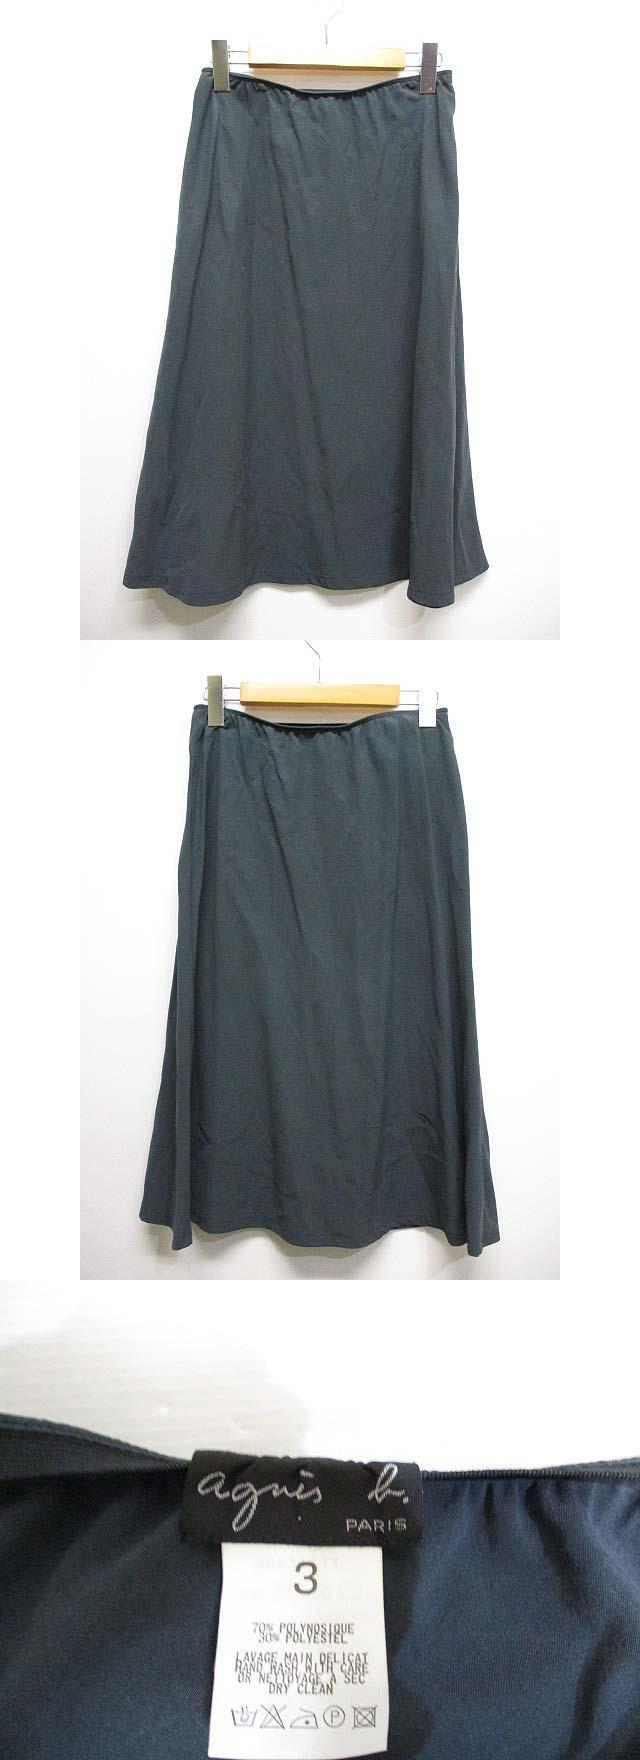 ミディアム イージー フレア スカート 3 チャコールグレー ウエストゴム 薄手 ストレッチ 日本製